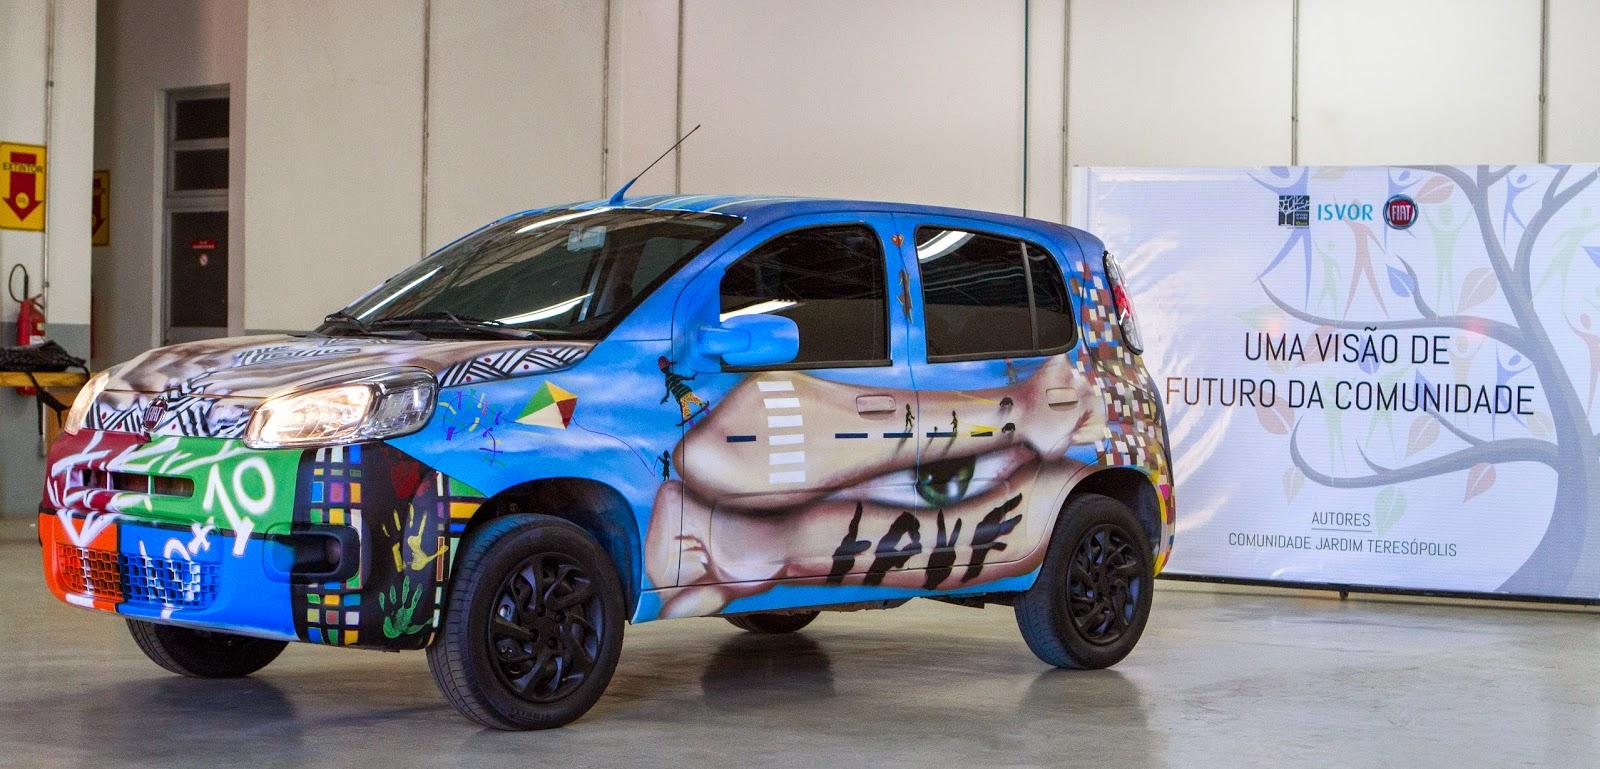 Fiat Uno 2015 Grafitado - Blog da Phenom Veiculos www.phenomveiculos.com